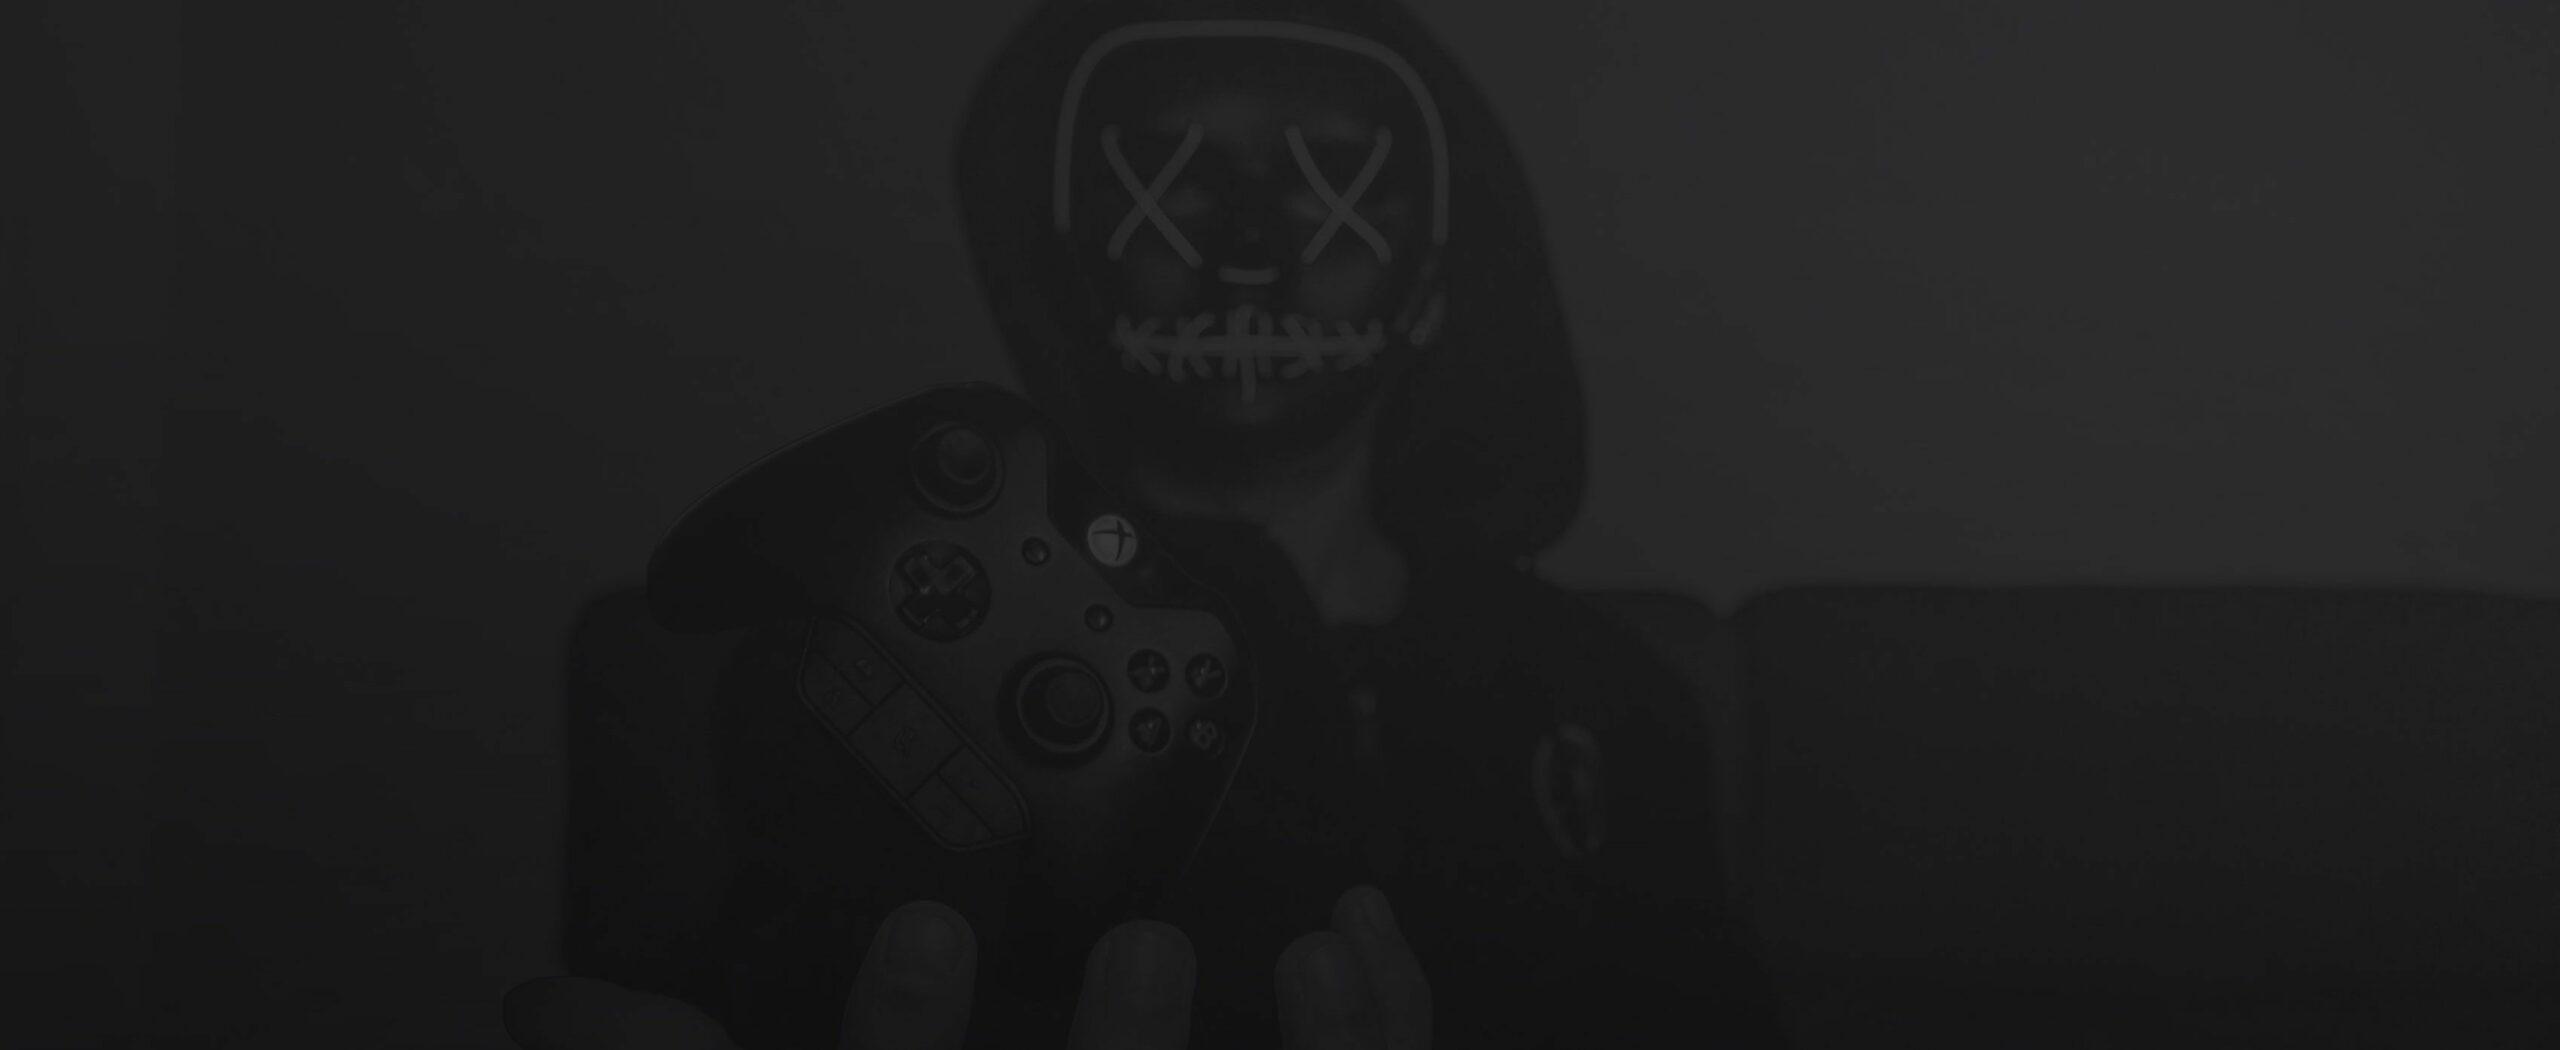 individual-hero-background